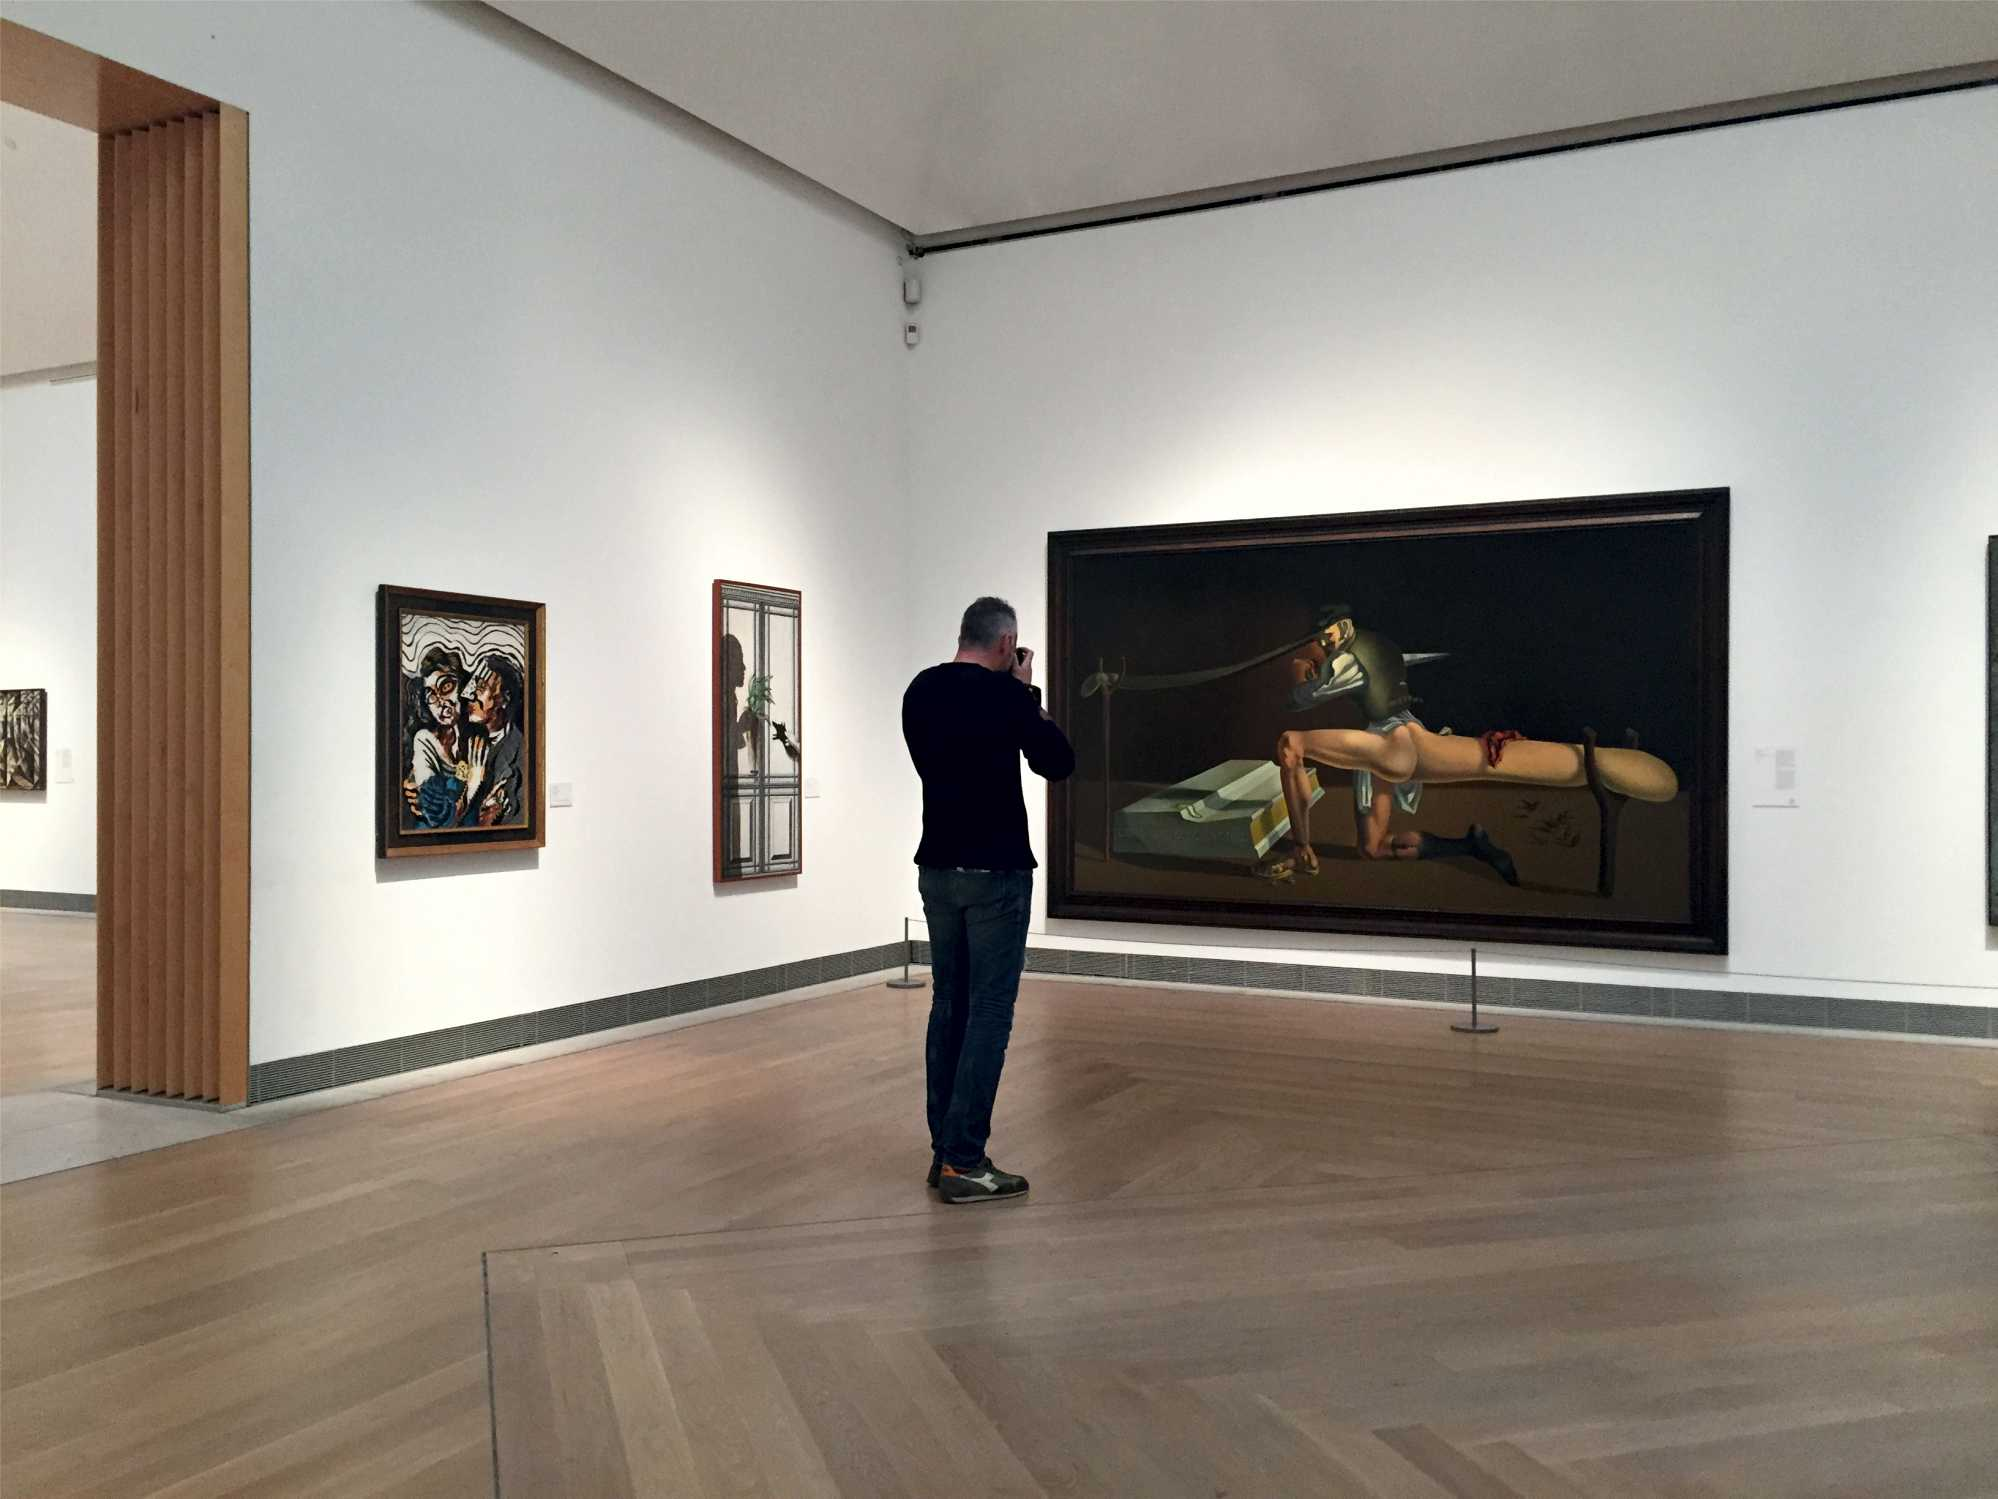 Hexa_Blog_Moderna_museet_36